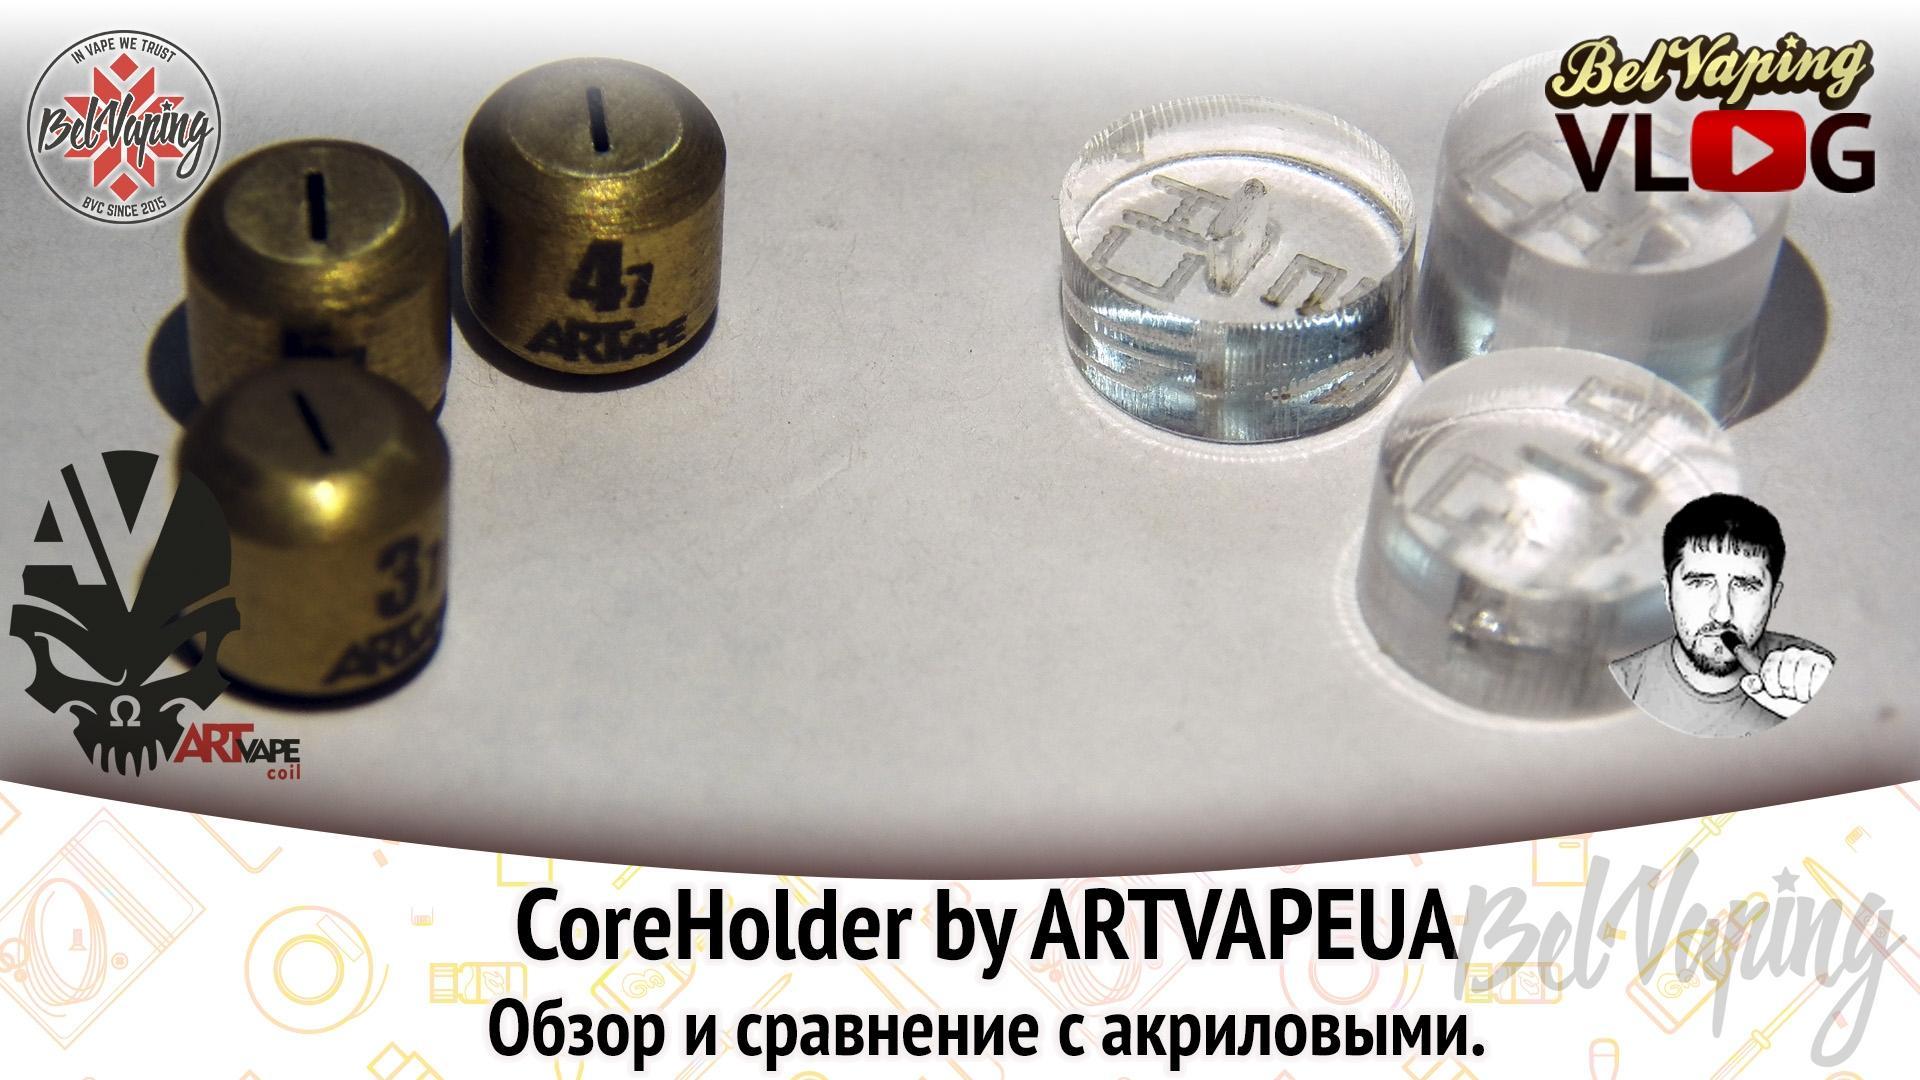 Обзор латунных корехолдеров и сравнение с акриловыми